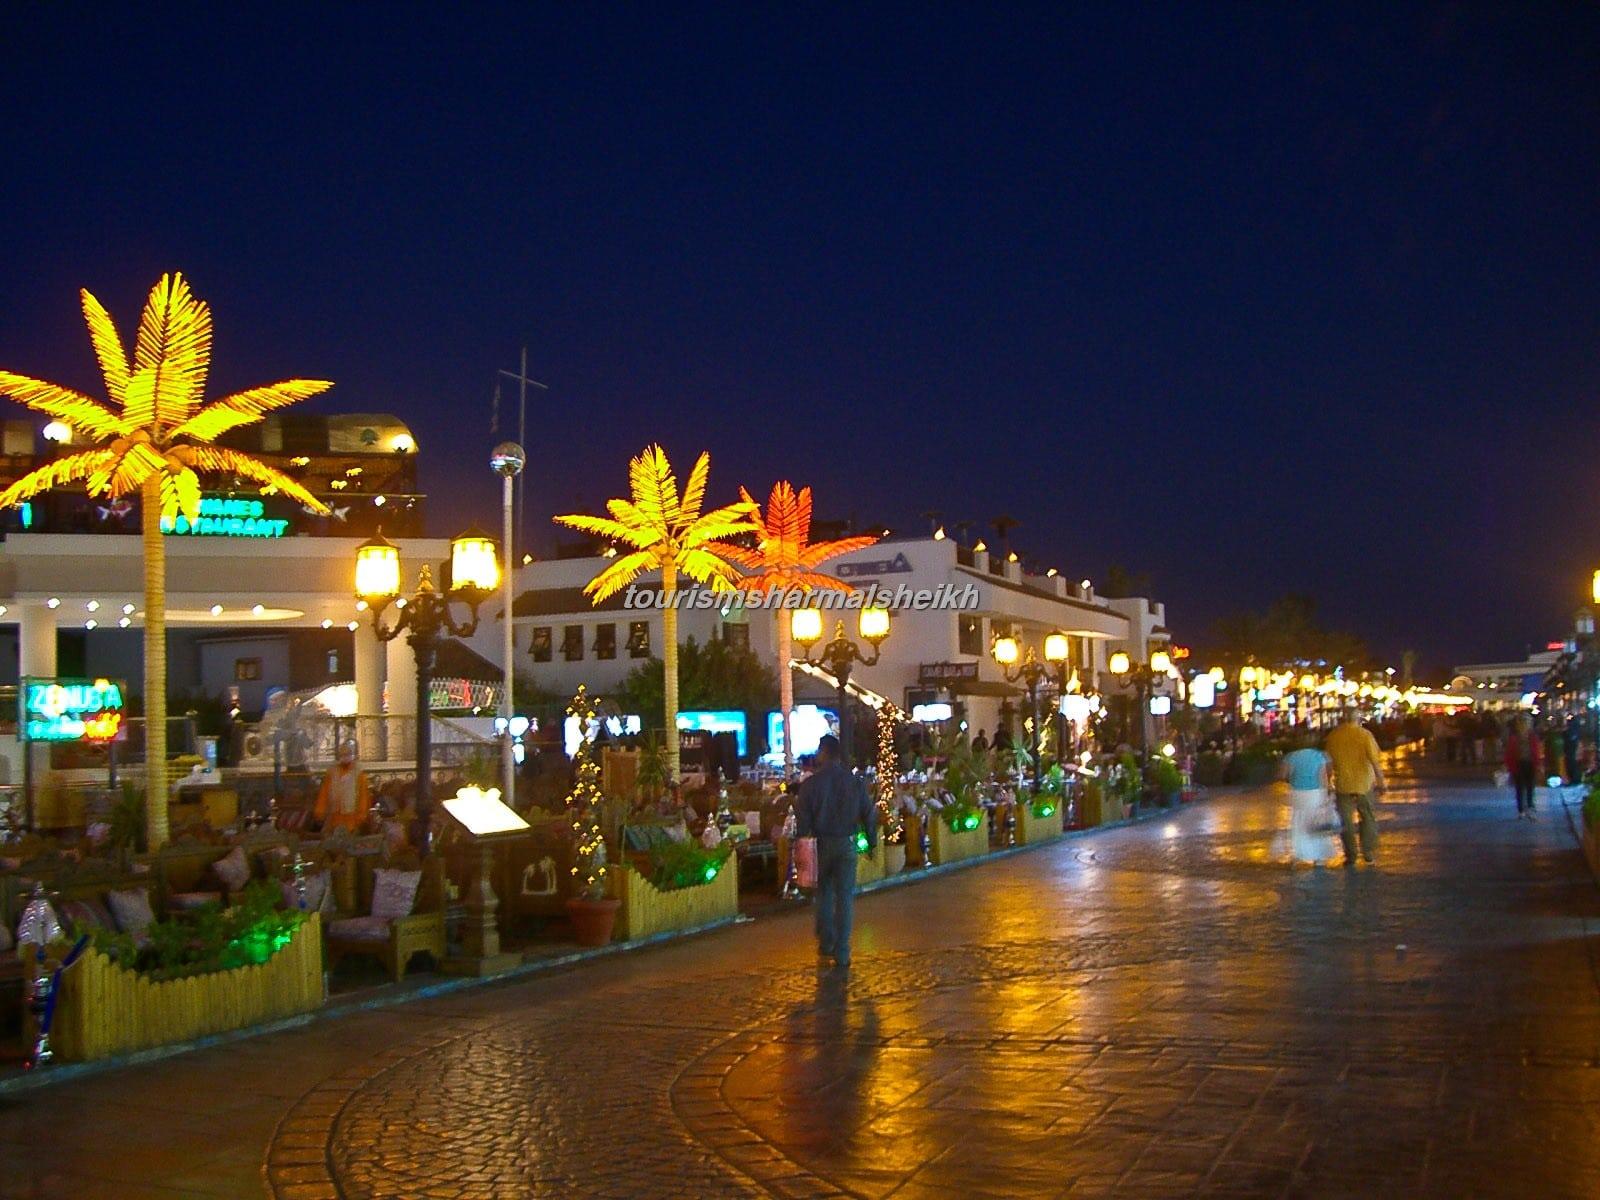 افضل الاماكن السياحية في شرم الشيخ 2018